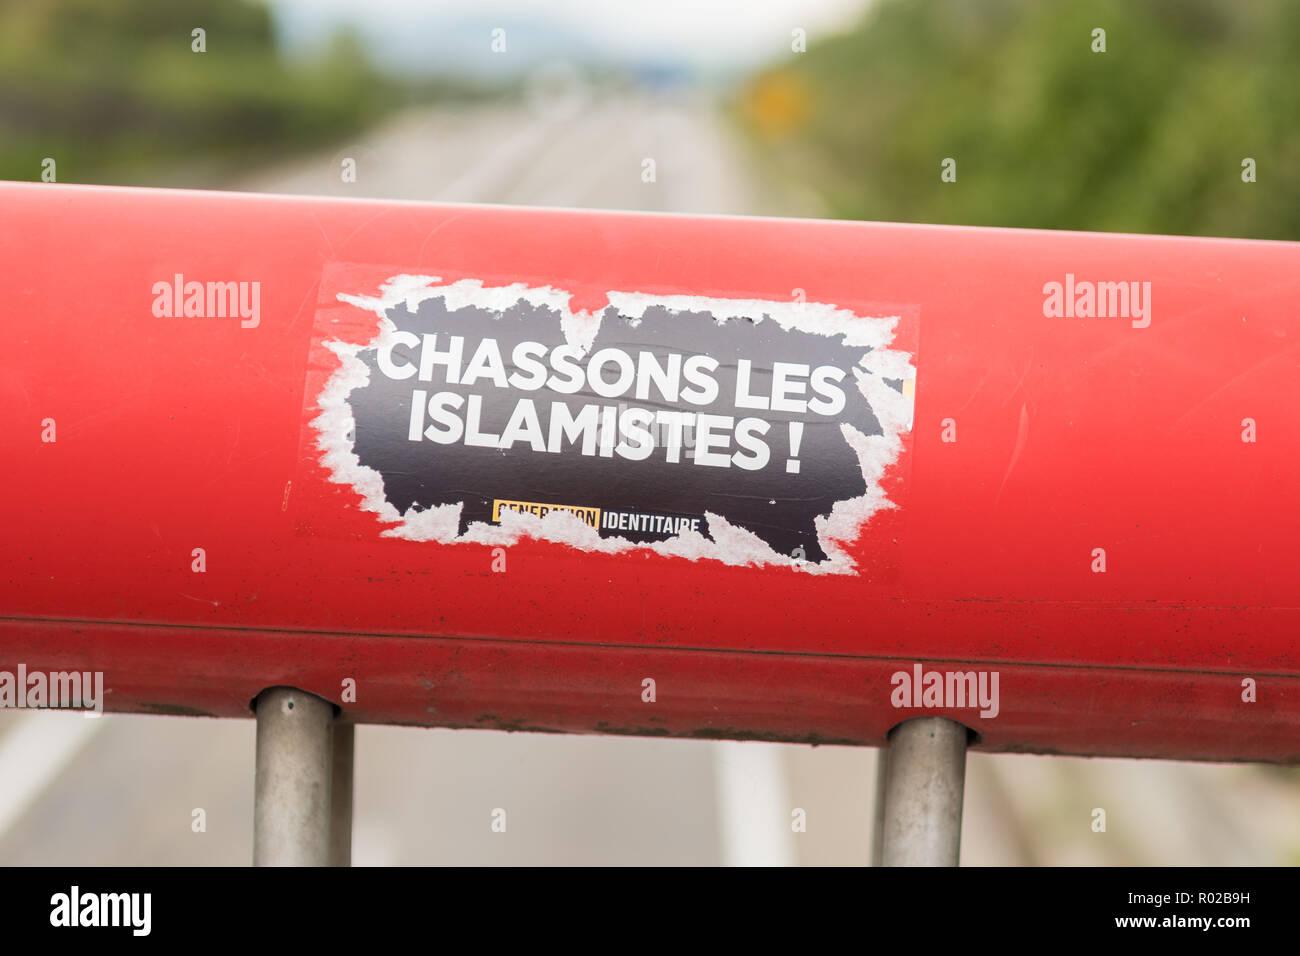 Generation der Identitätsproblematik Aufkleber Chassons Les Islamisten auf Brücke in Colmar, Frankreich, Europa Stockbild